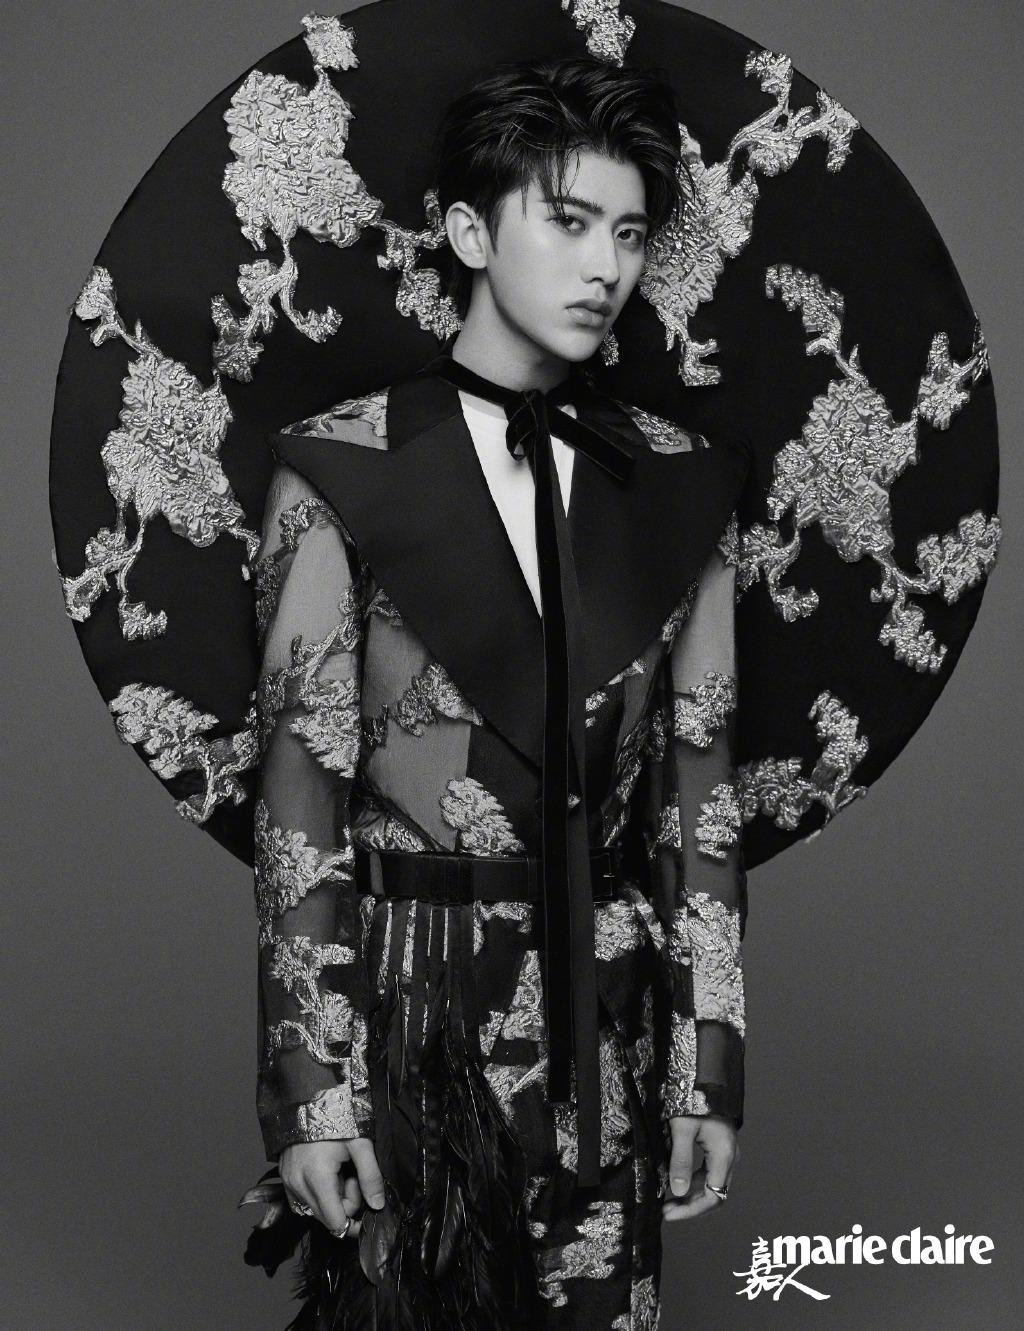 蔡徐坤玫瑰花冠封面 尽显浪漫高贵气息